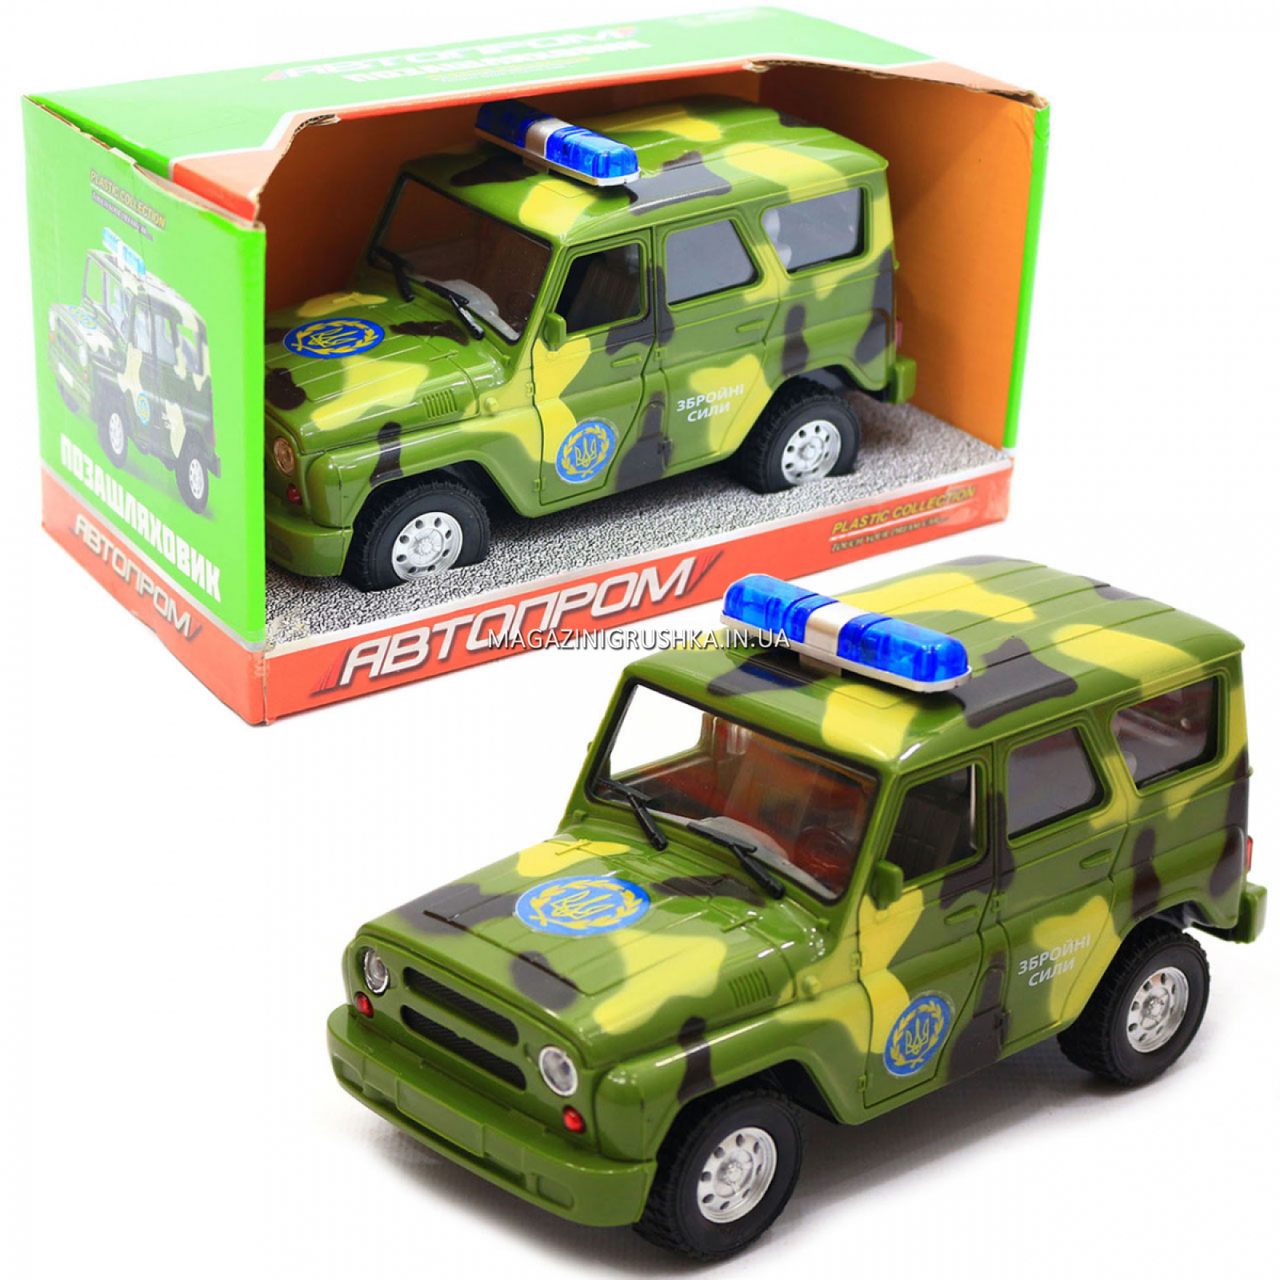 Машинка ігрова Автопром Позашляховик (Збройні сили) зі світловими і звуковими ефектами (7659-3)